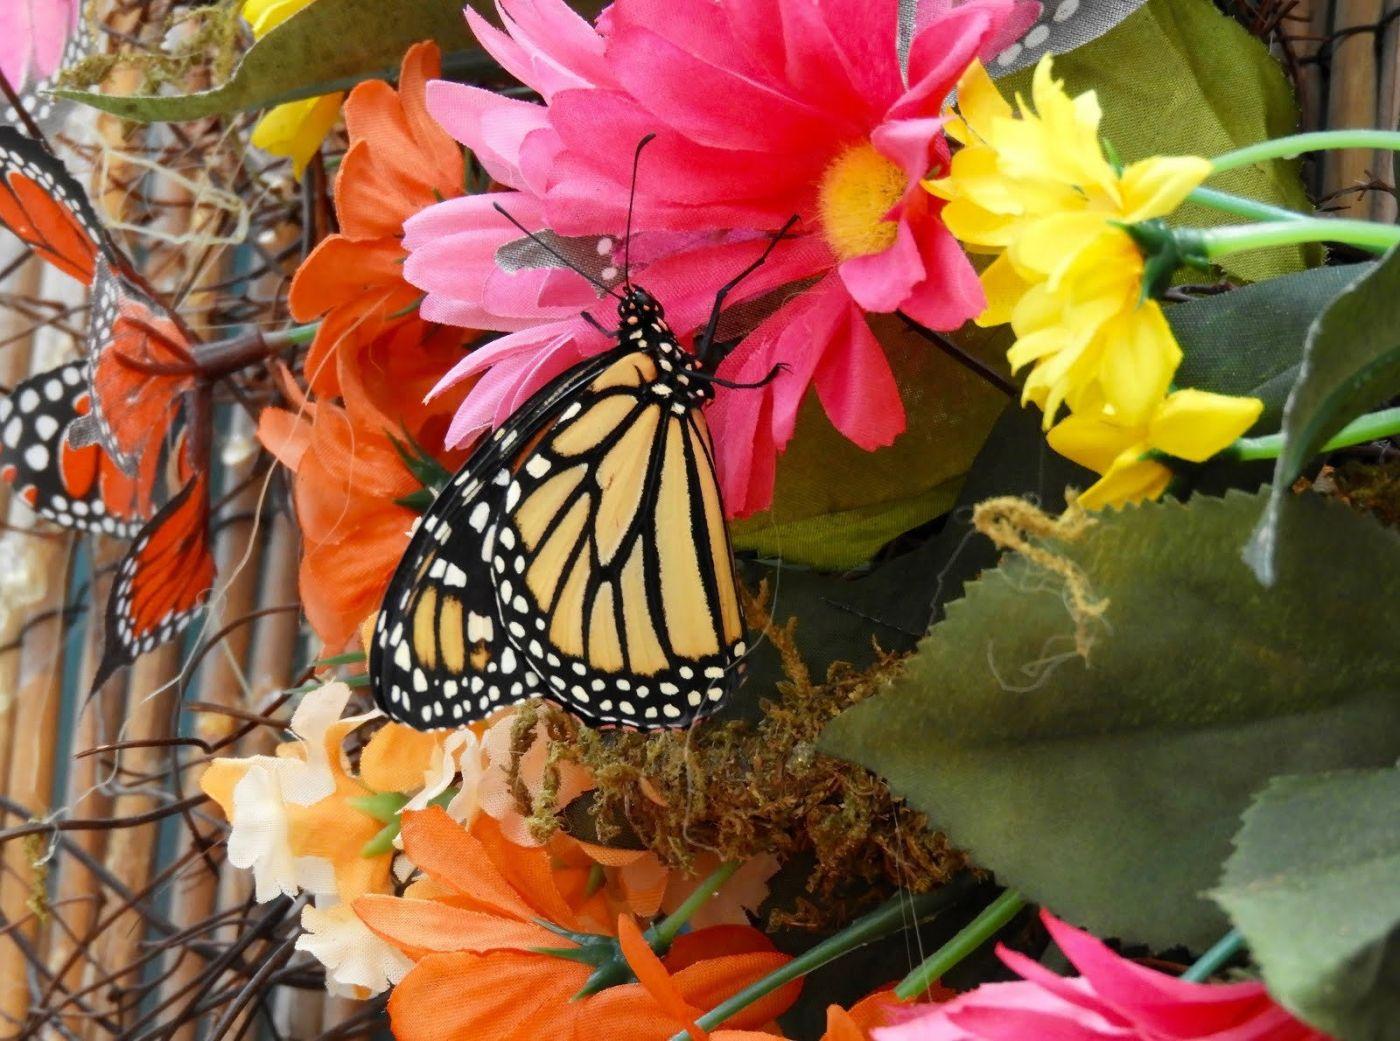 赫尔希花园看蝴蝶_图1-29